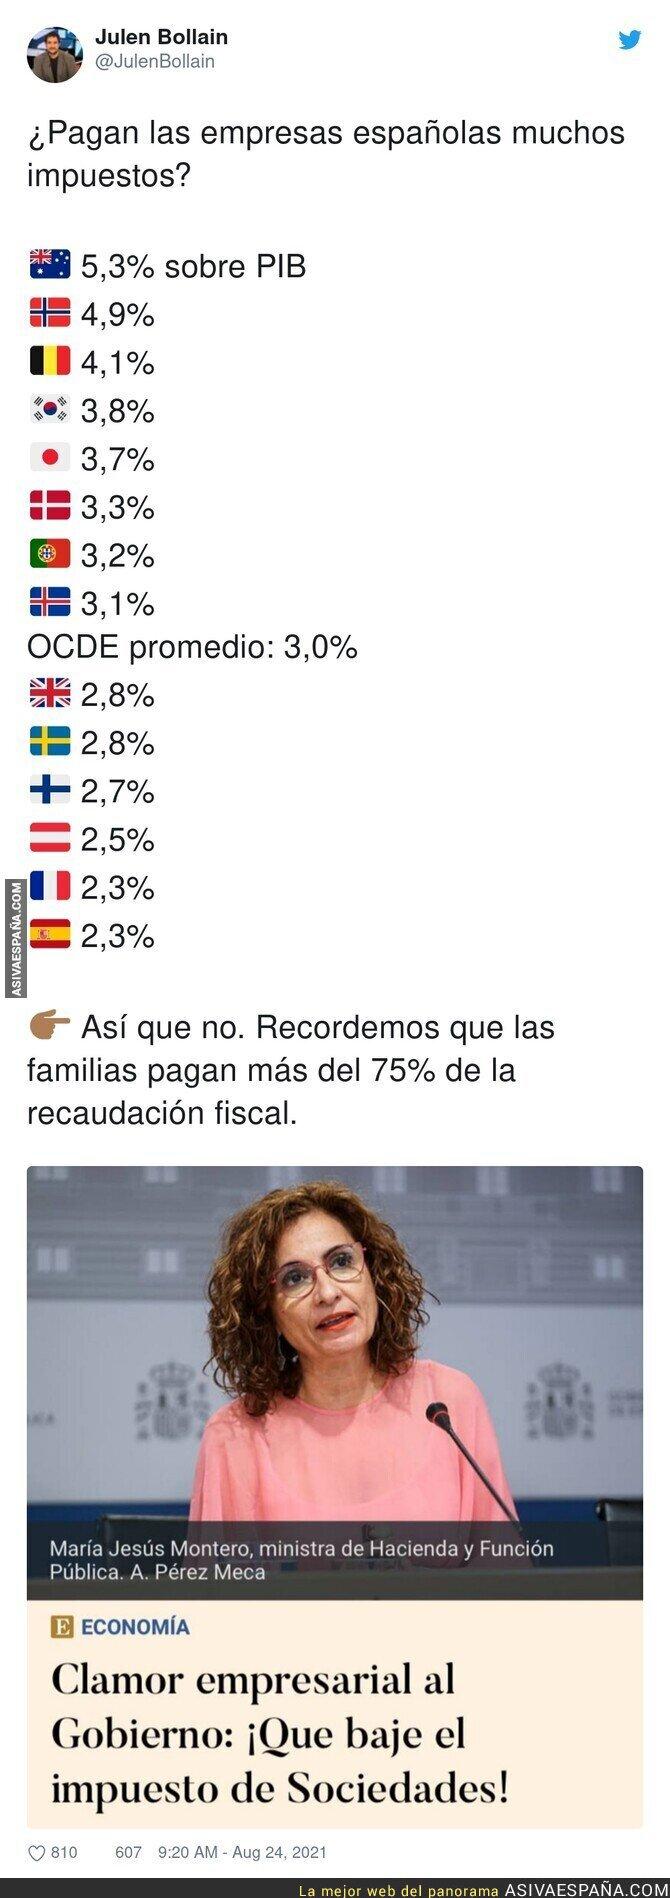 883964 - Los impuestos que pagan las empresas en España en comparación al resto